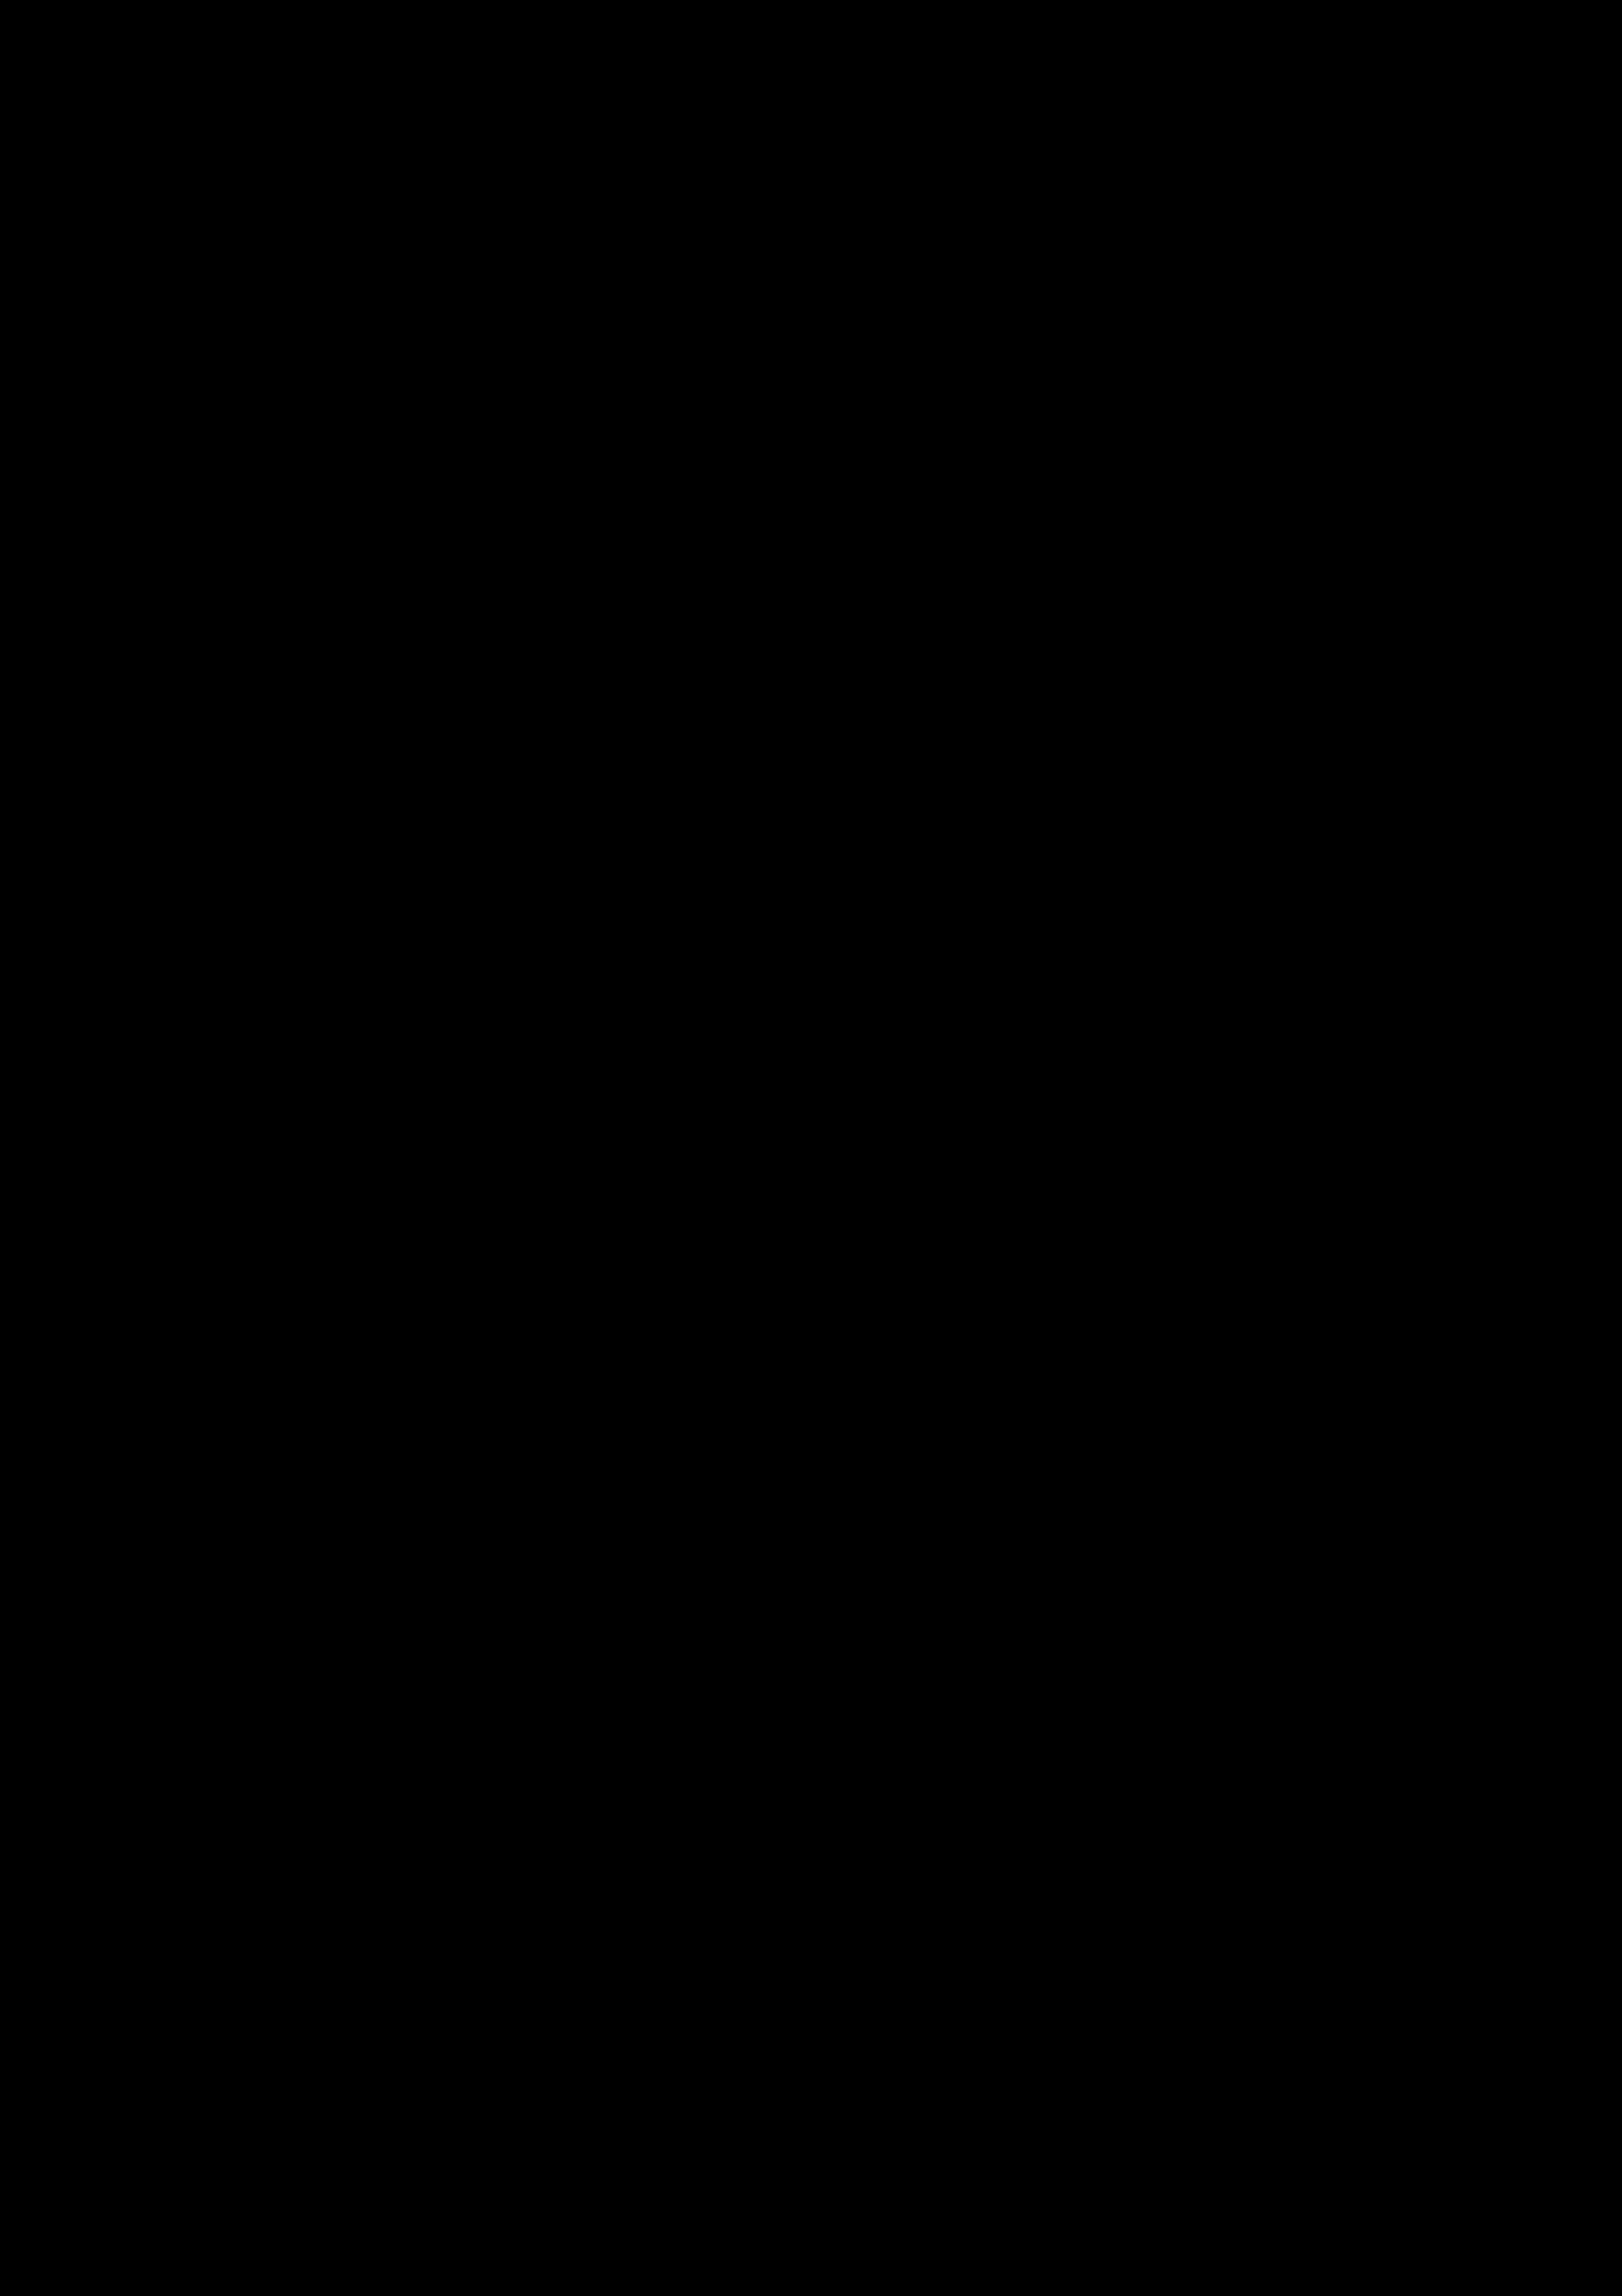 Urodzinowa promocja - 100 lat Brotje. Pakiety kocioł + regulator pogodowy.